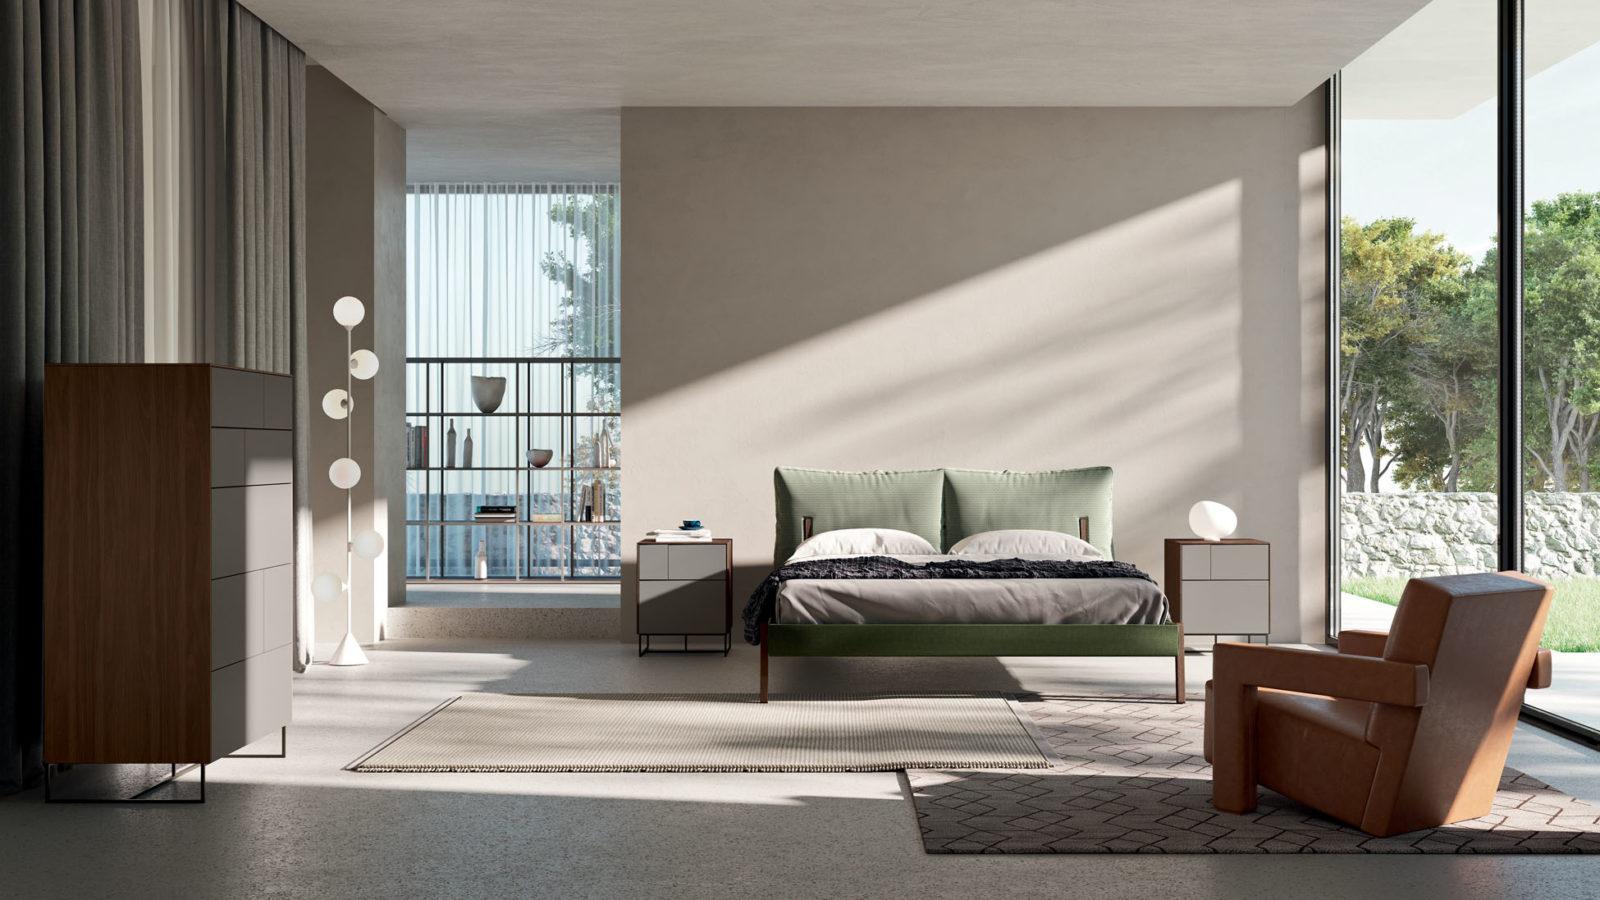 letto-brigitta-0-orme-1600x900-1